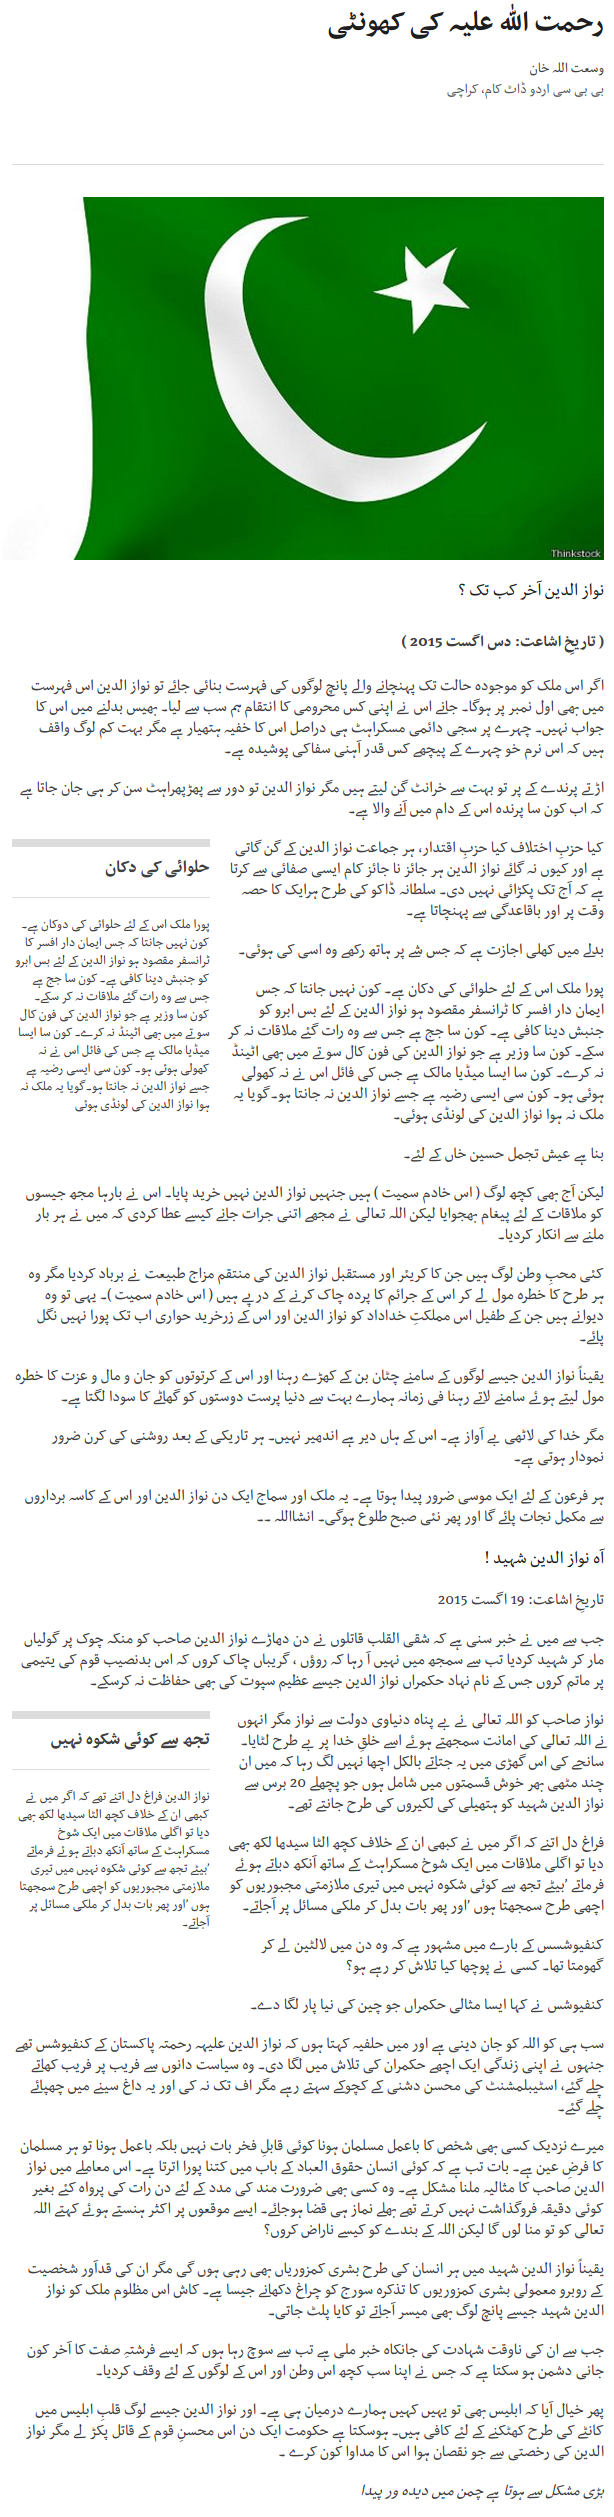 Wusatullah Khan Column   Rehmatullah Aleihe Ki Khonti   Baat Say Baat